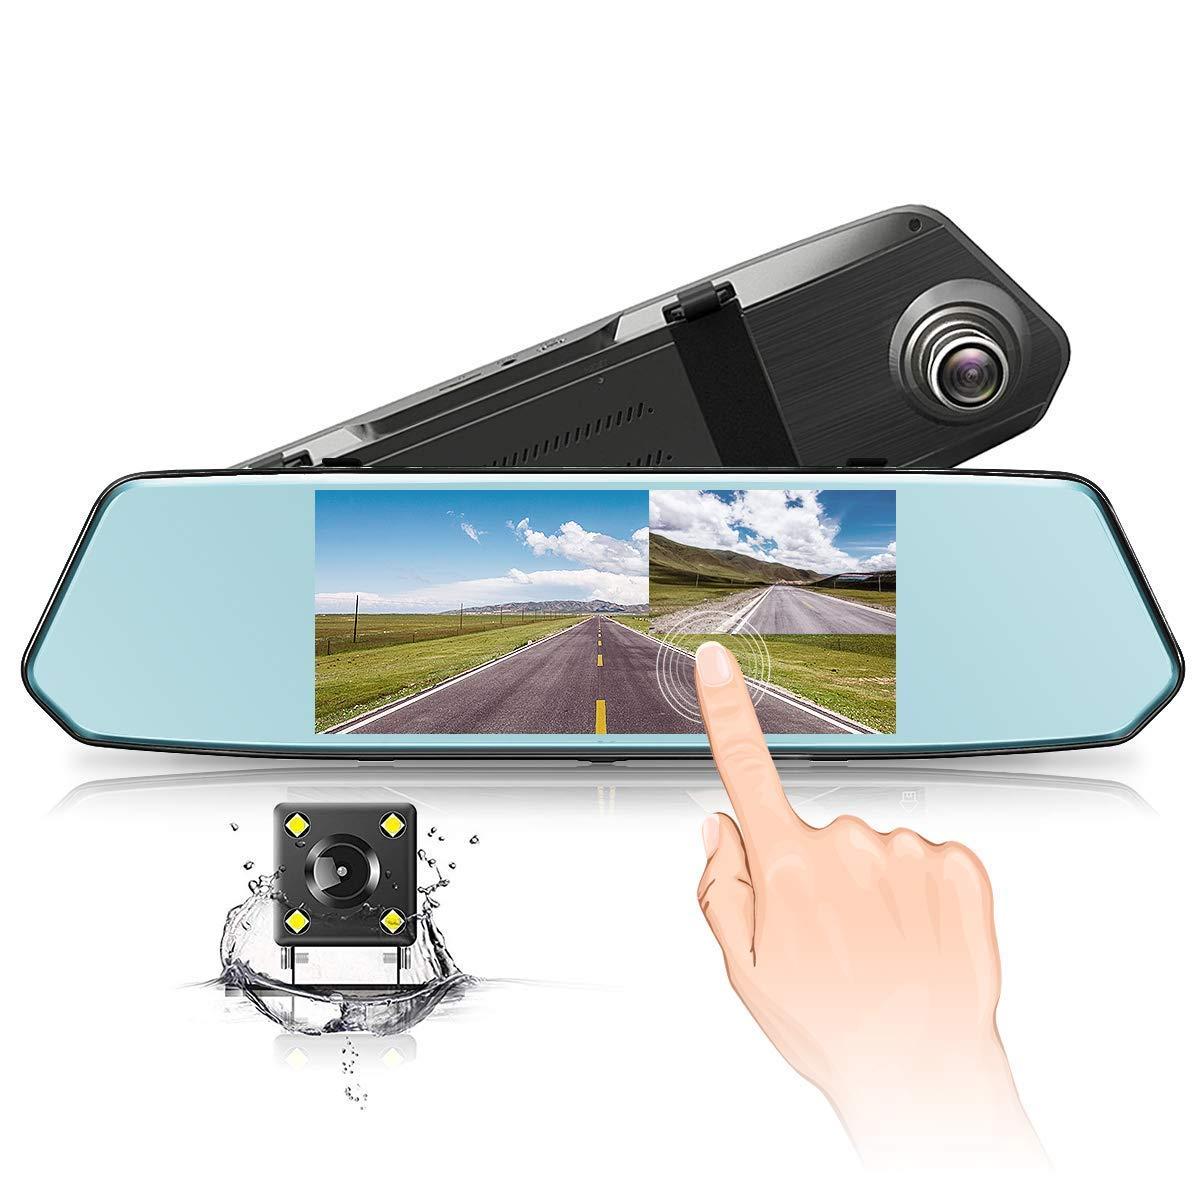 Cá mara de Coche Grabadora Vigilancia ,Dashcam 1080P Full HD Sistemas de Ví deo Lente Doble Delantera y Trasera G-Sensor Detecció n de Movimiento170° Á ngulo , Pantalla Tá ctil,Impermeable Pantalla Táctil CHYU